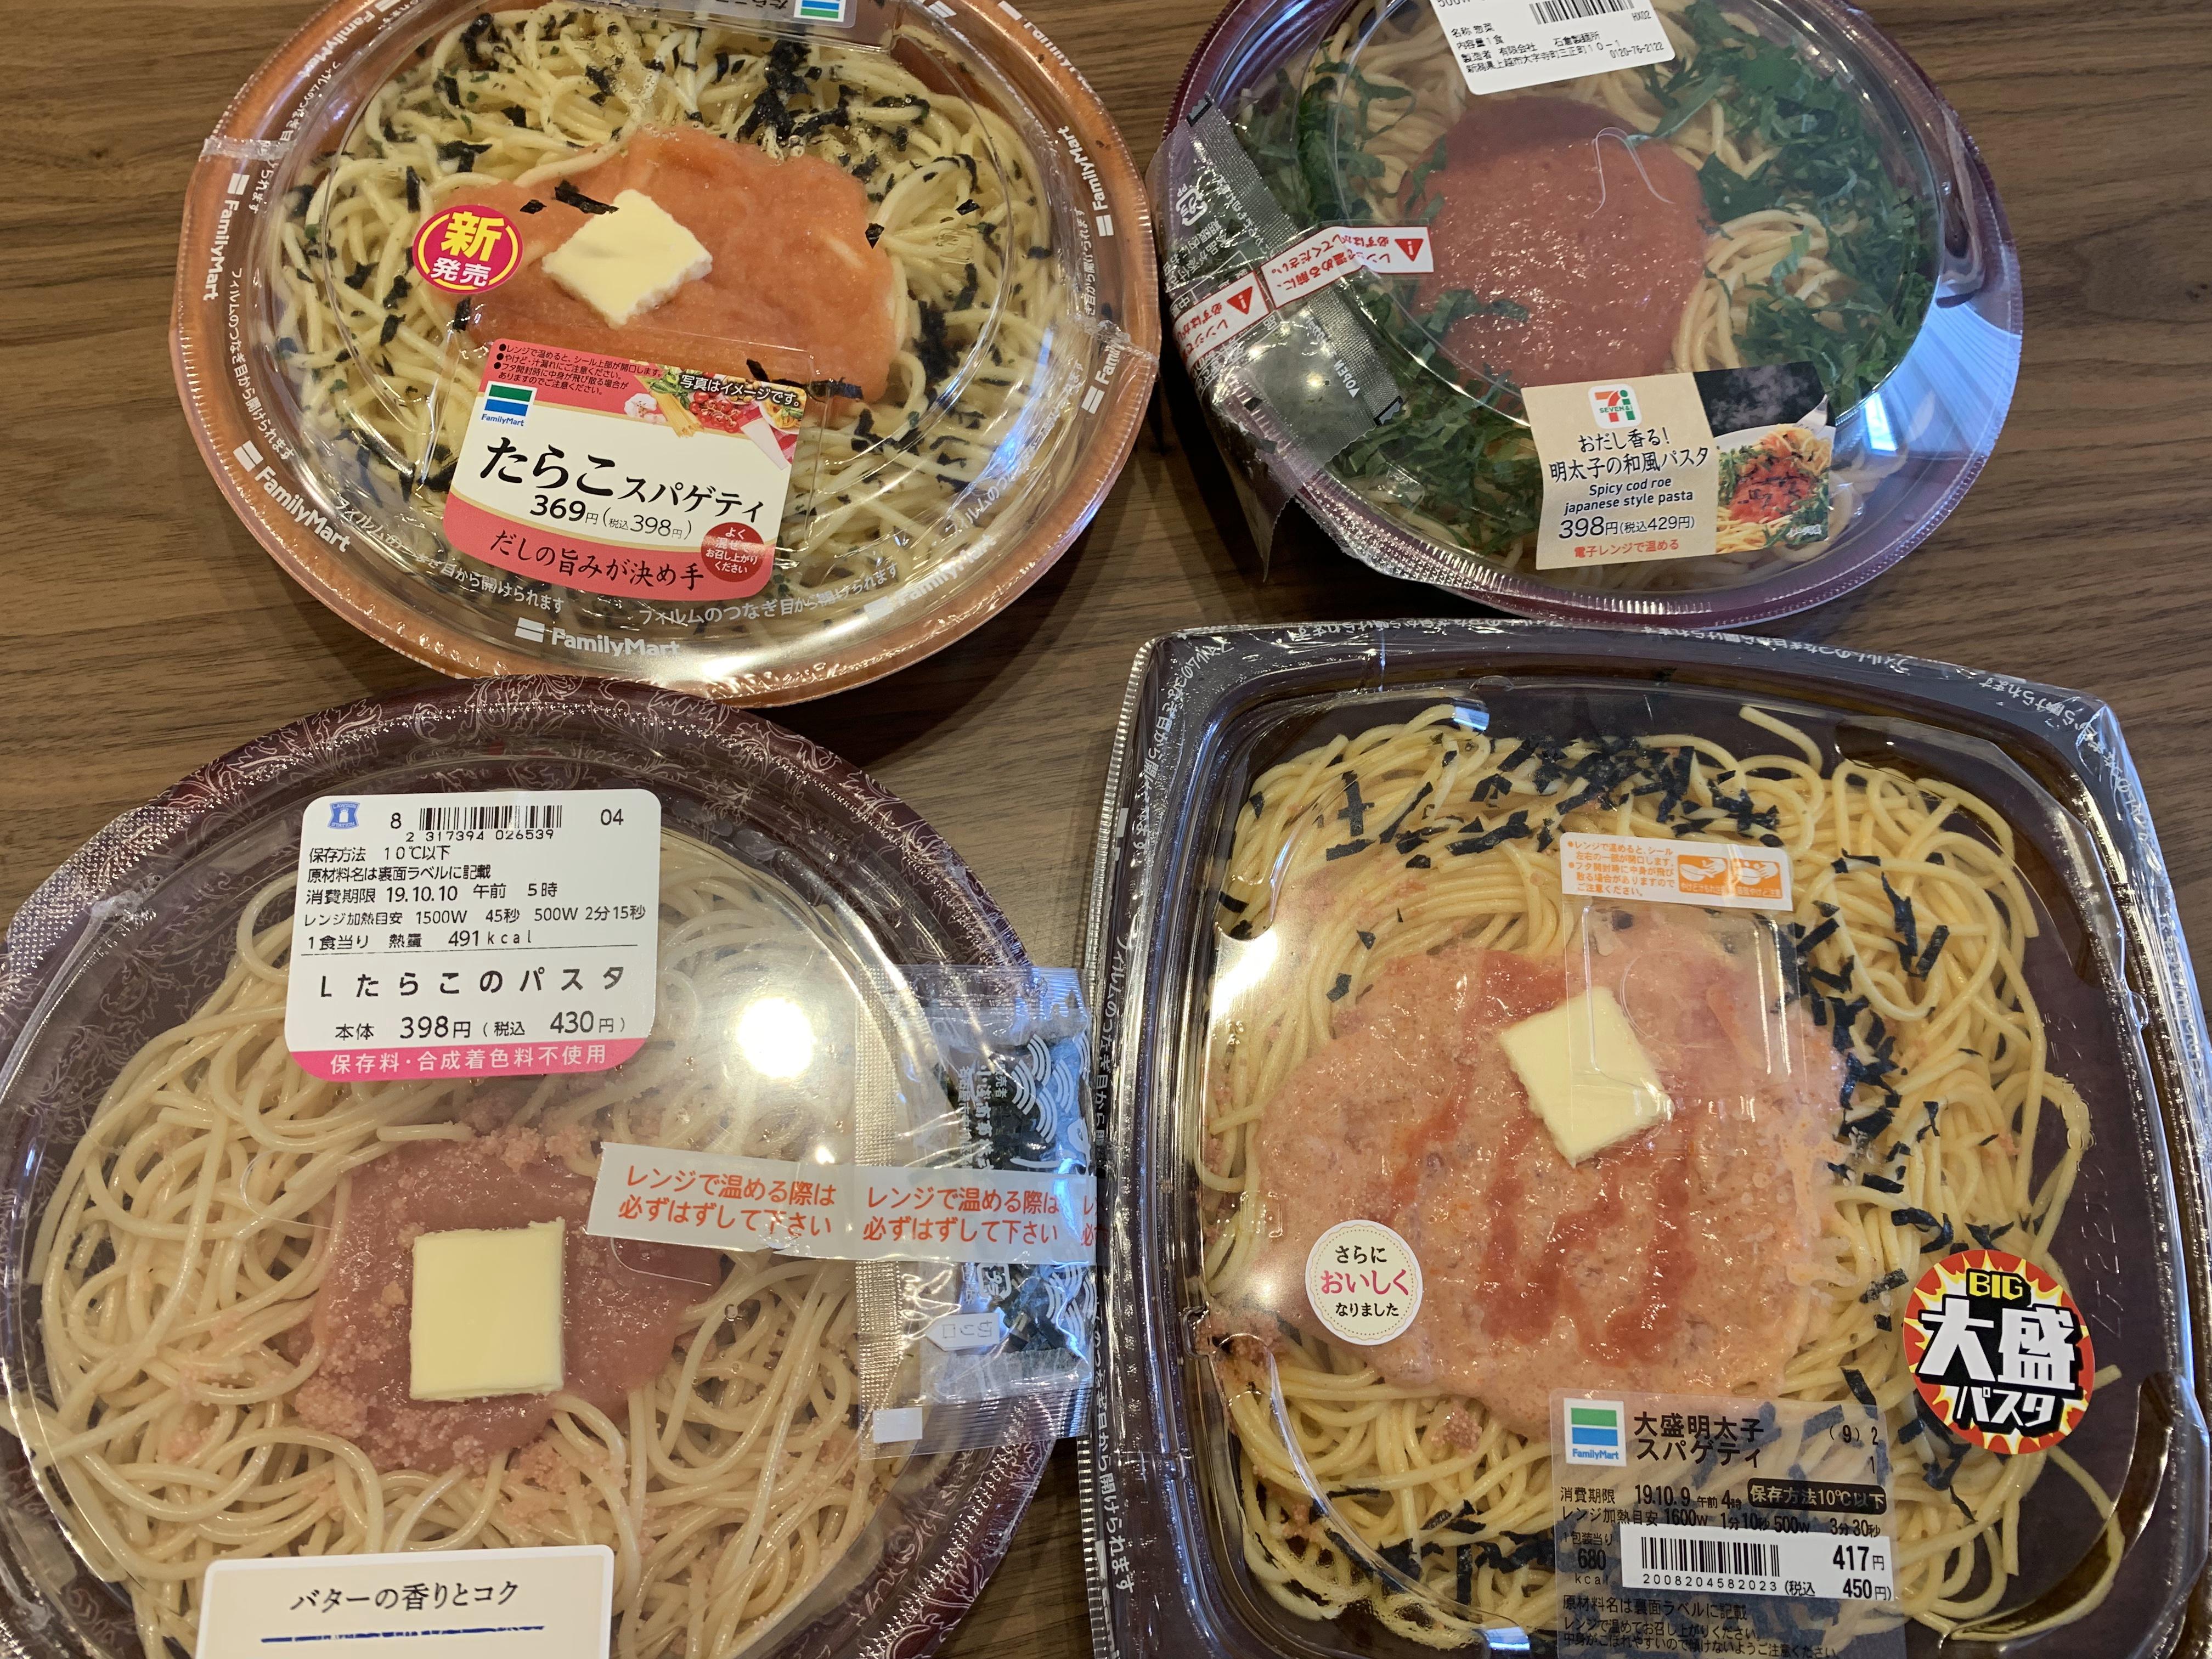 コンビニのたらこパスタ:明太子パスタ食べ比べ!ローソン・ファミマ・セブンで美味しいのは?